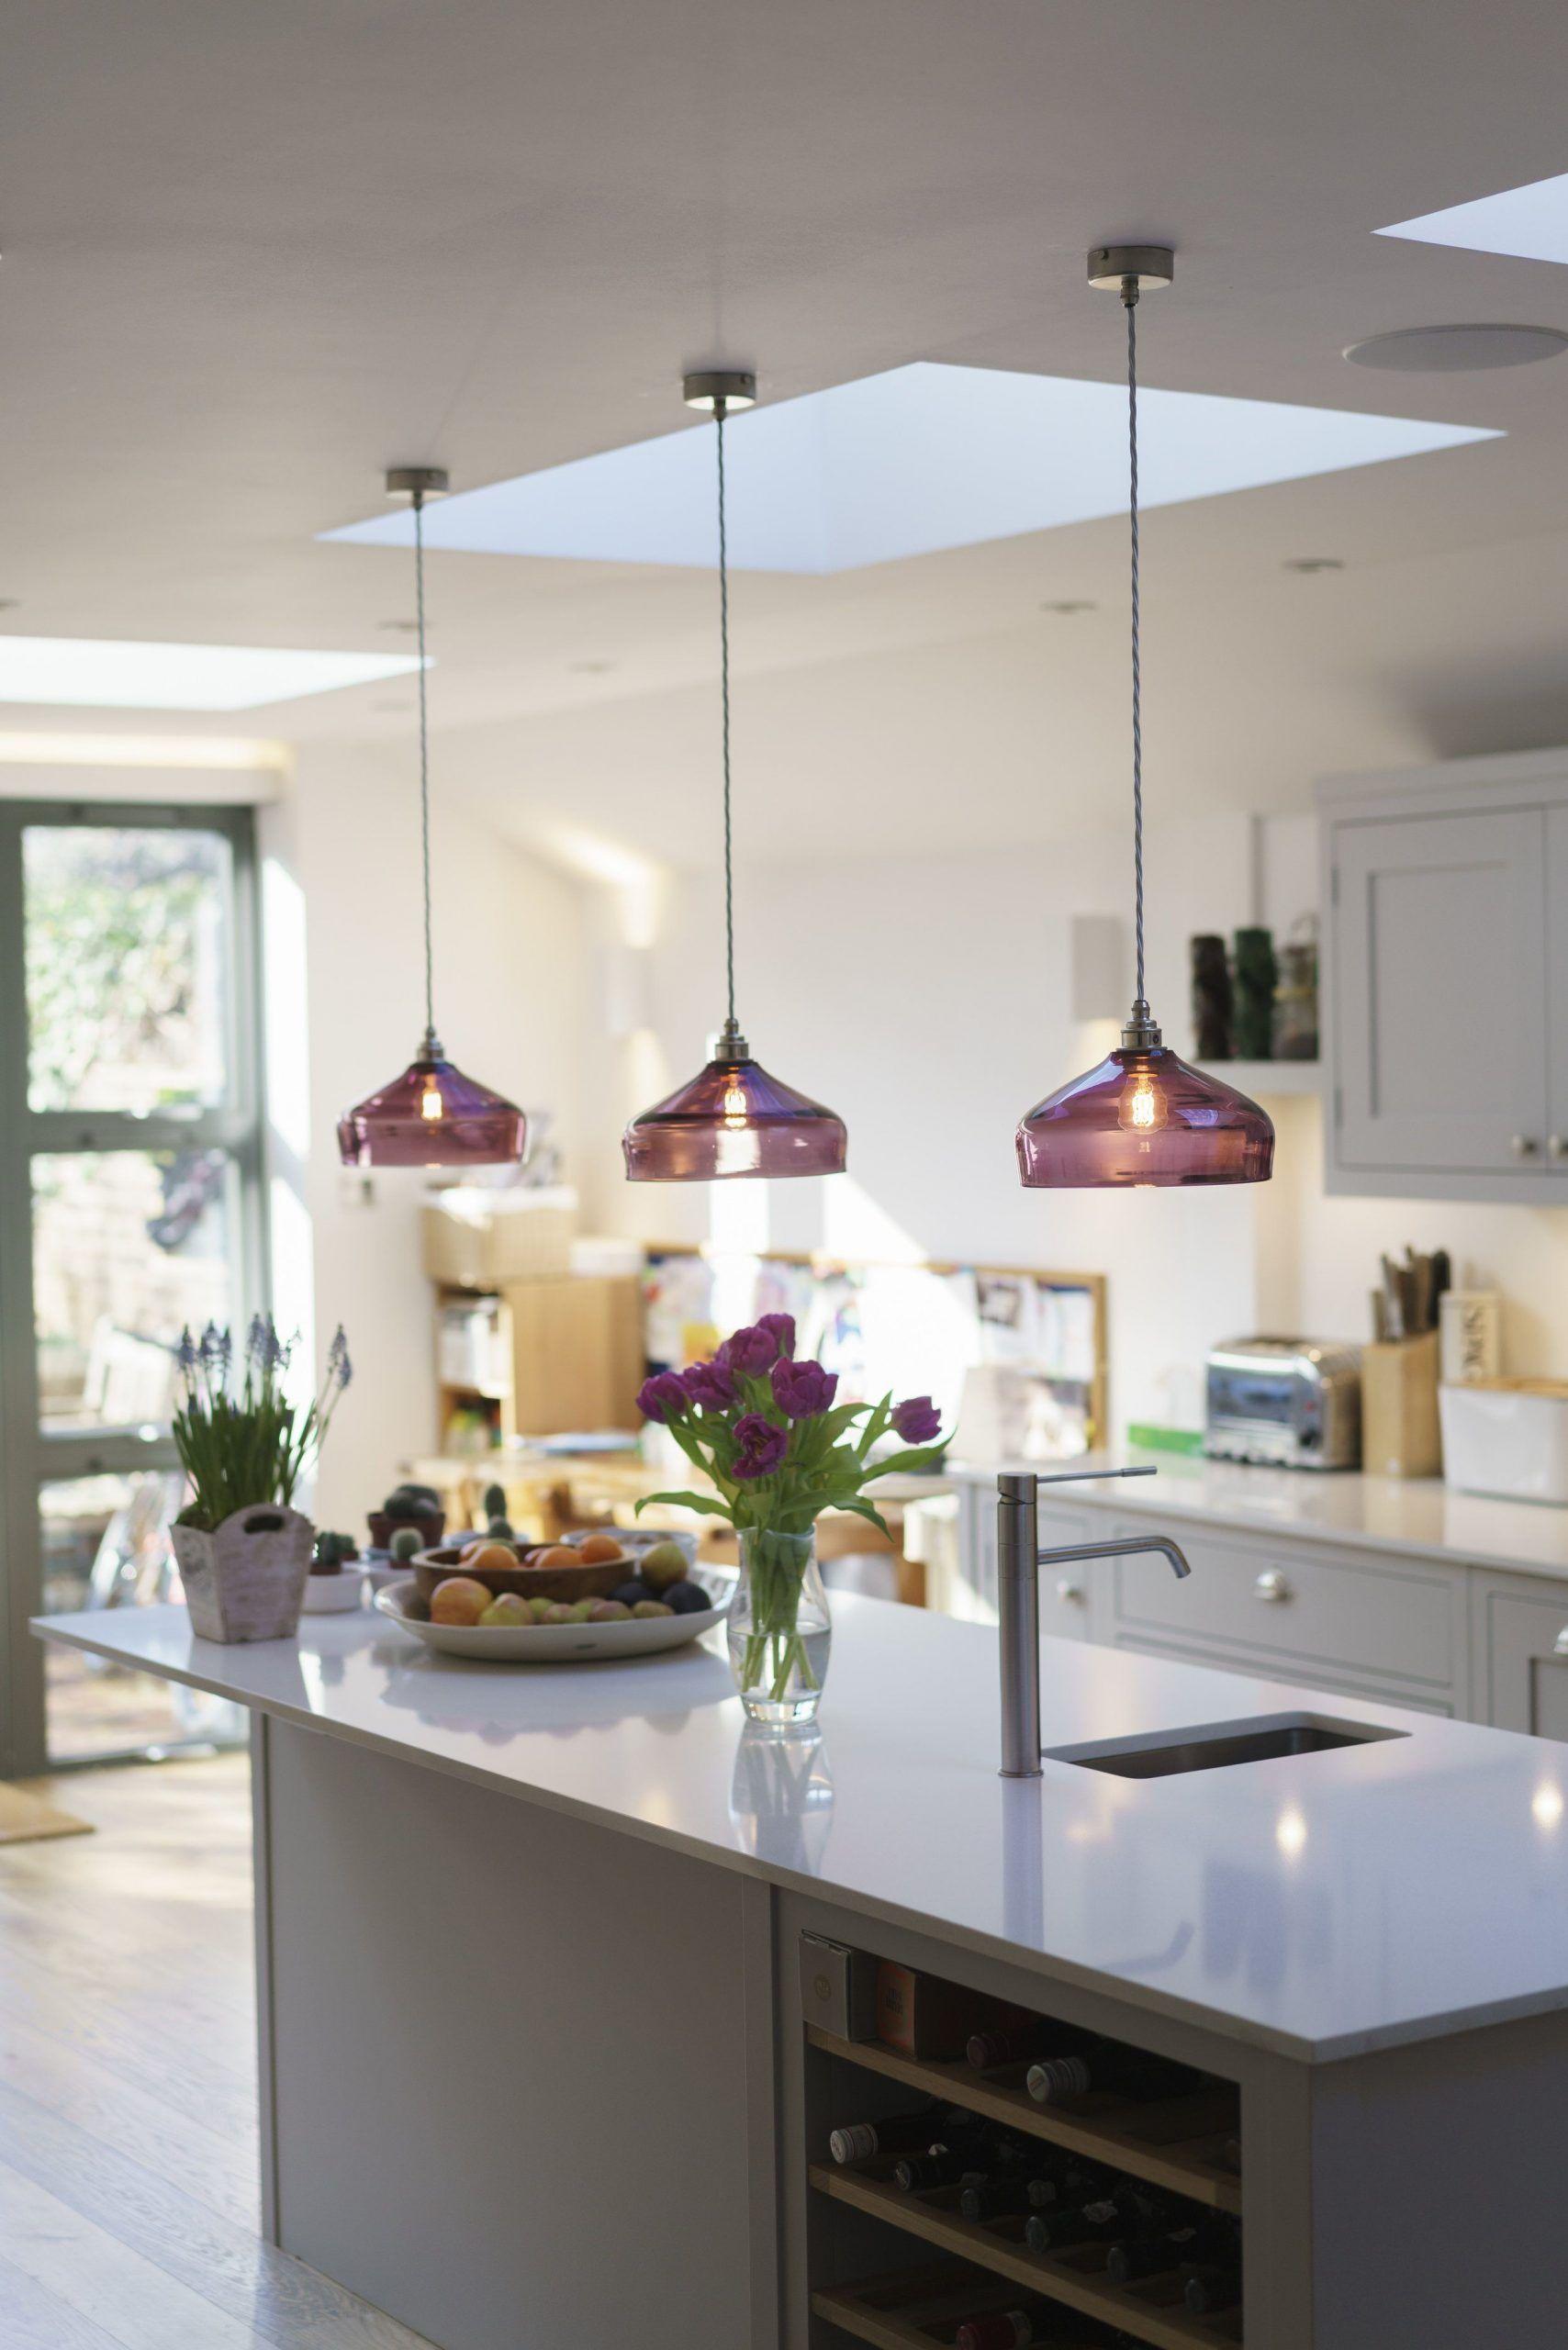 Küche Insel Beleuchtung Stil — Curiousa & Curiousa ...